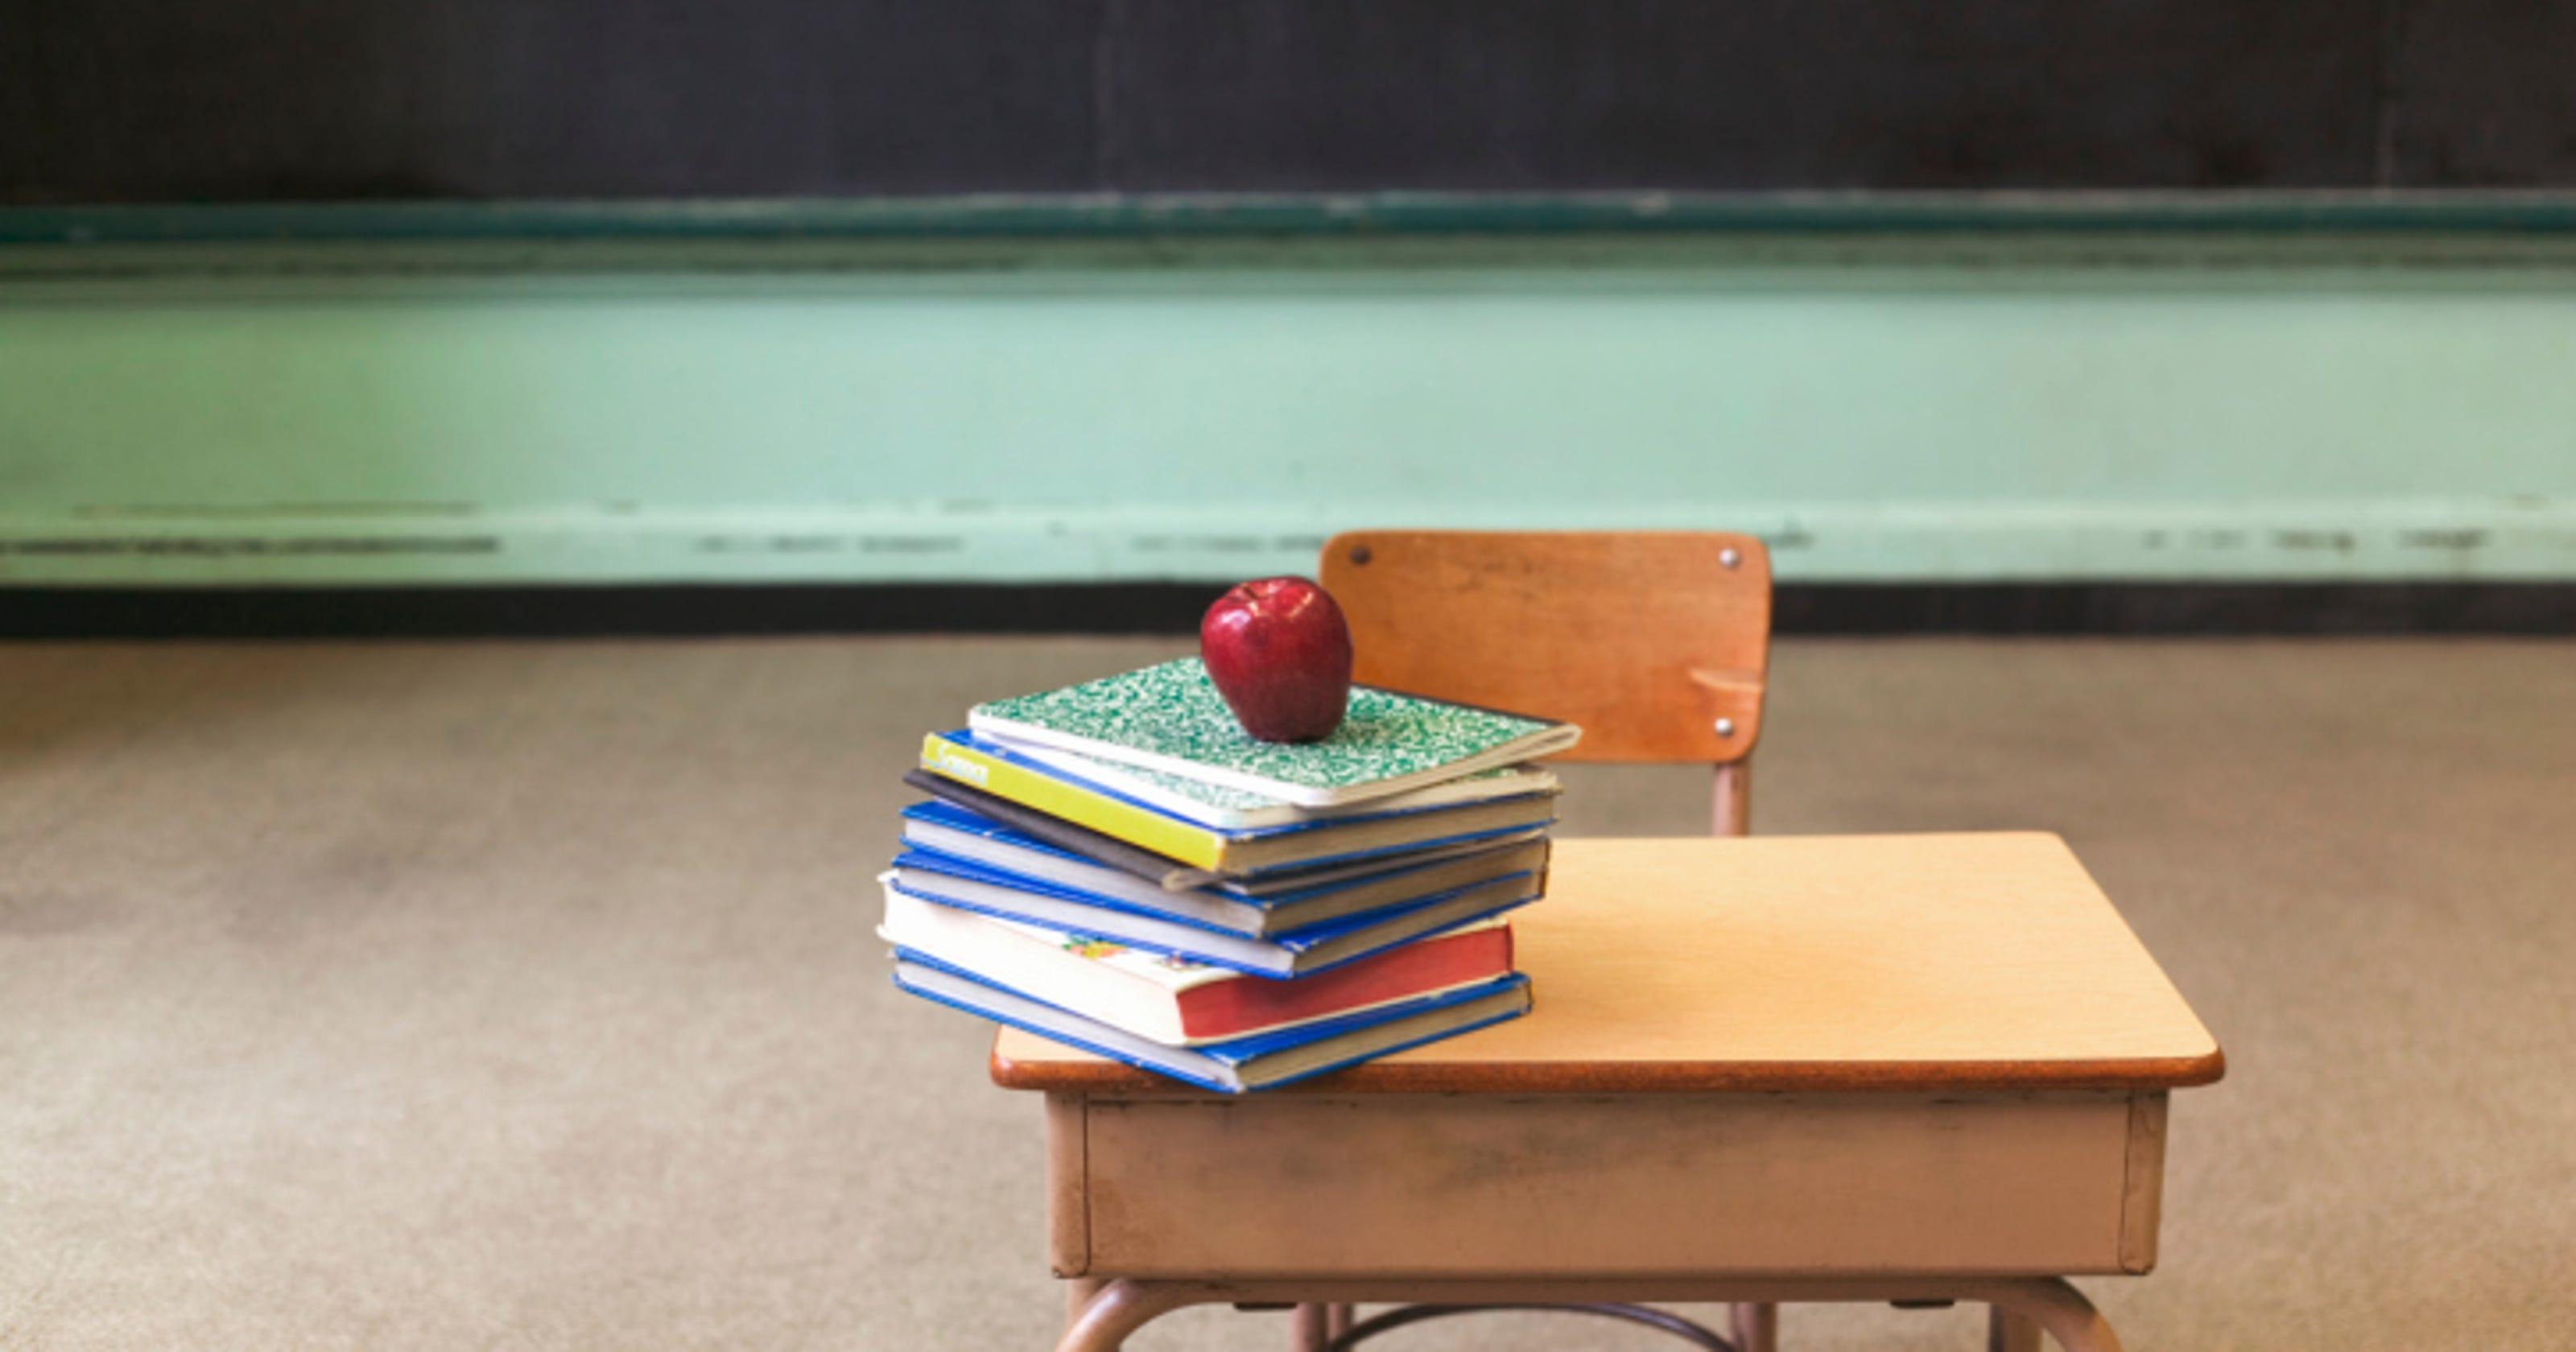 West Valley's top-scoring schools